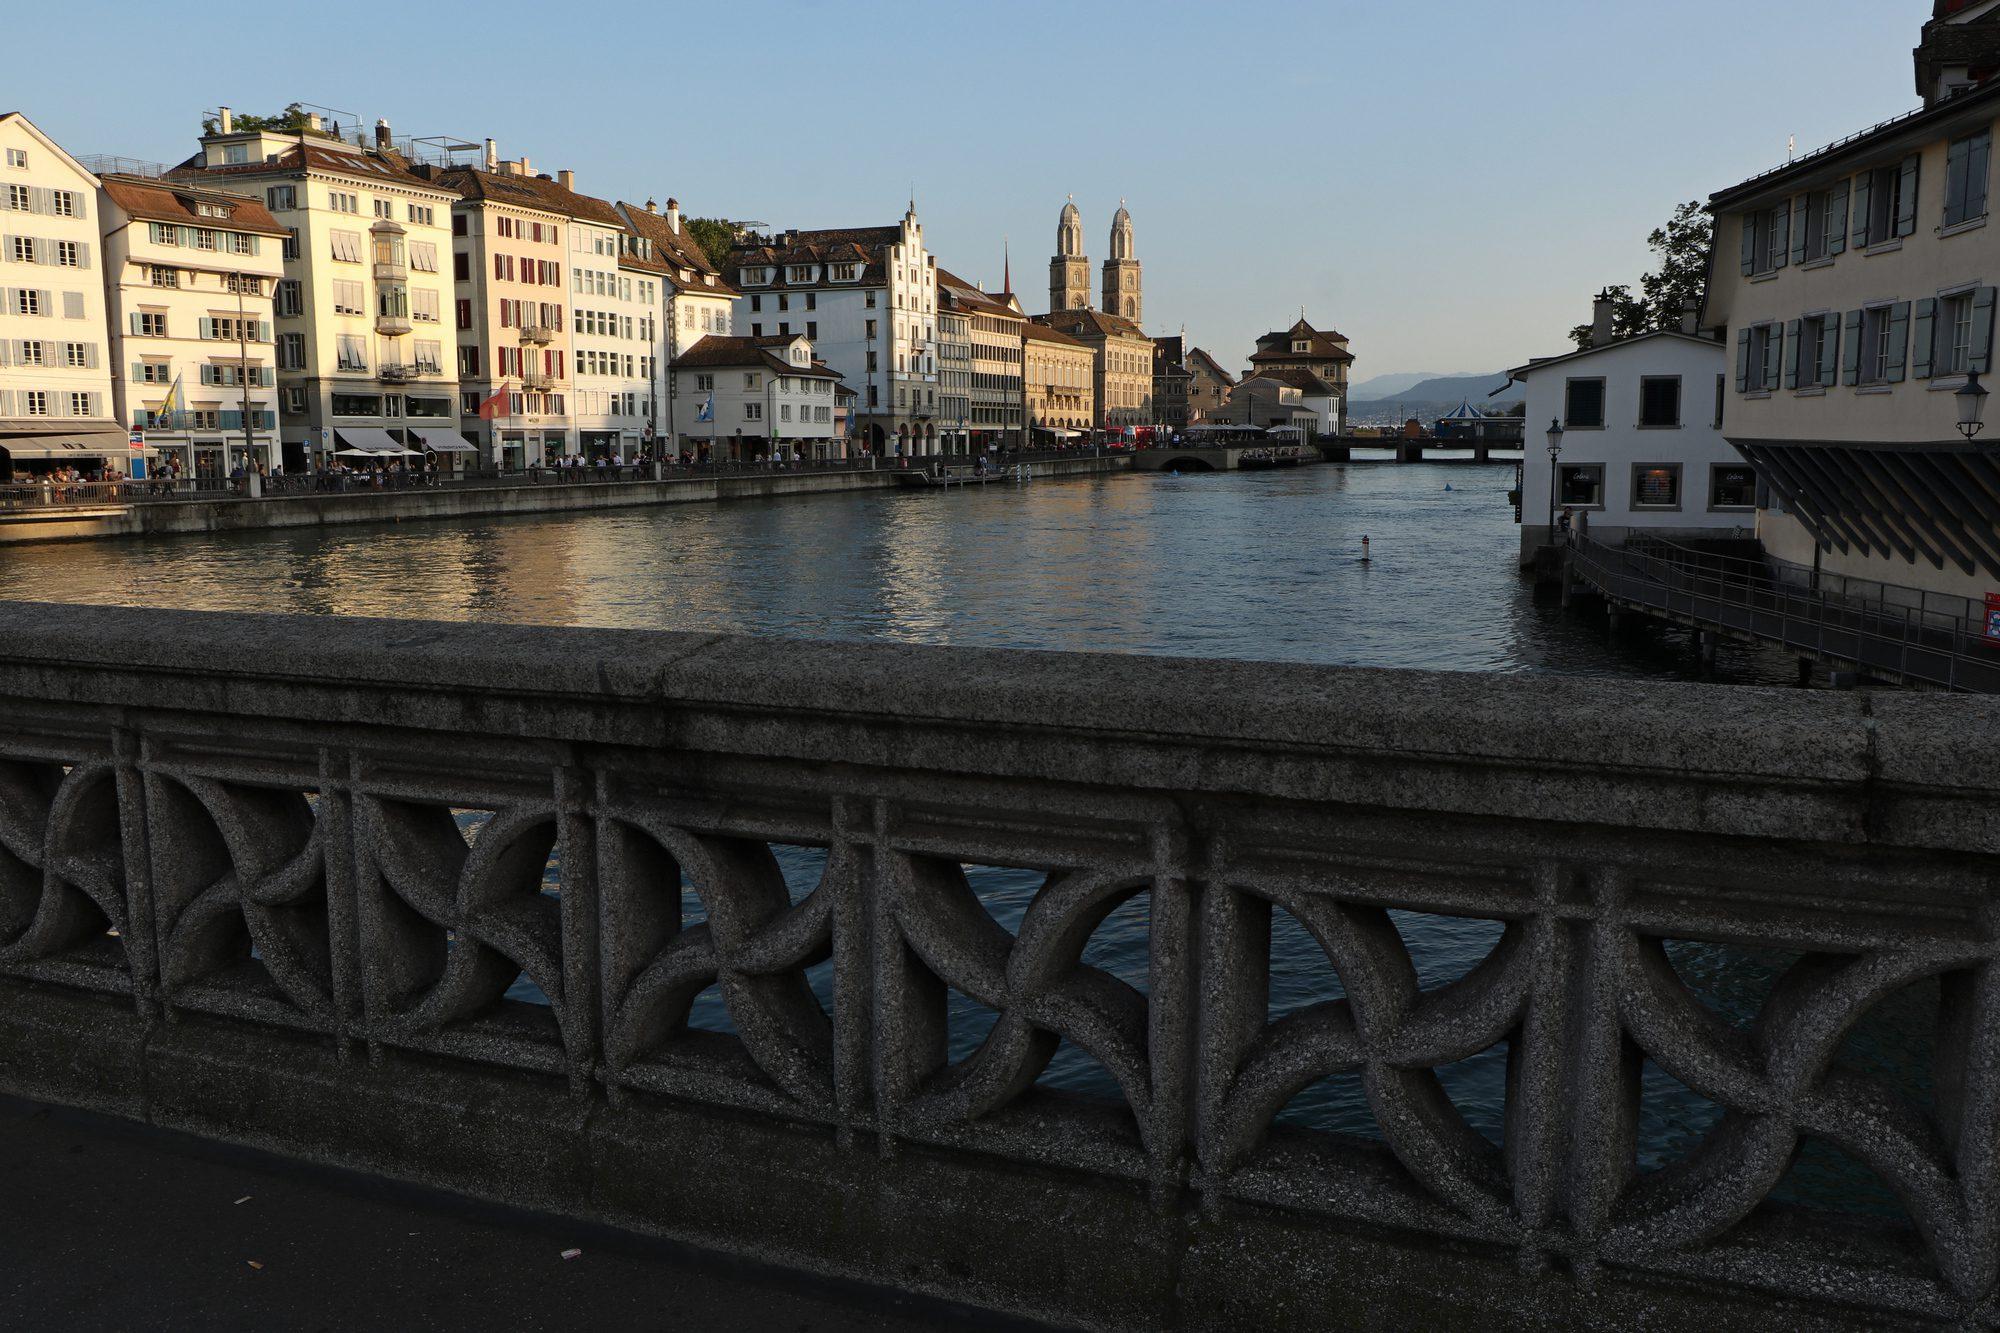 Entlang der Limmat in Zürich